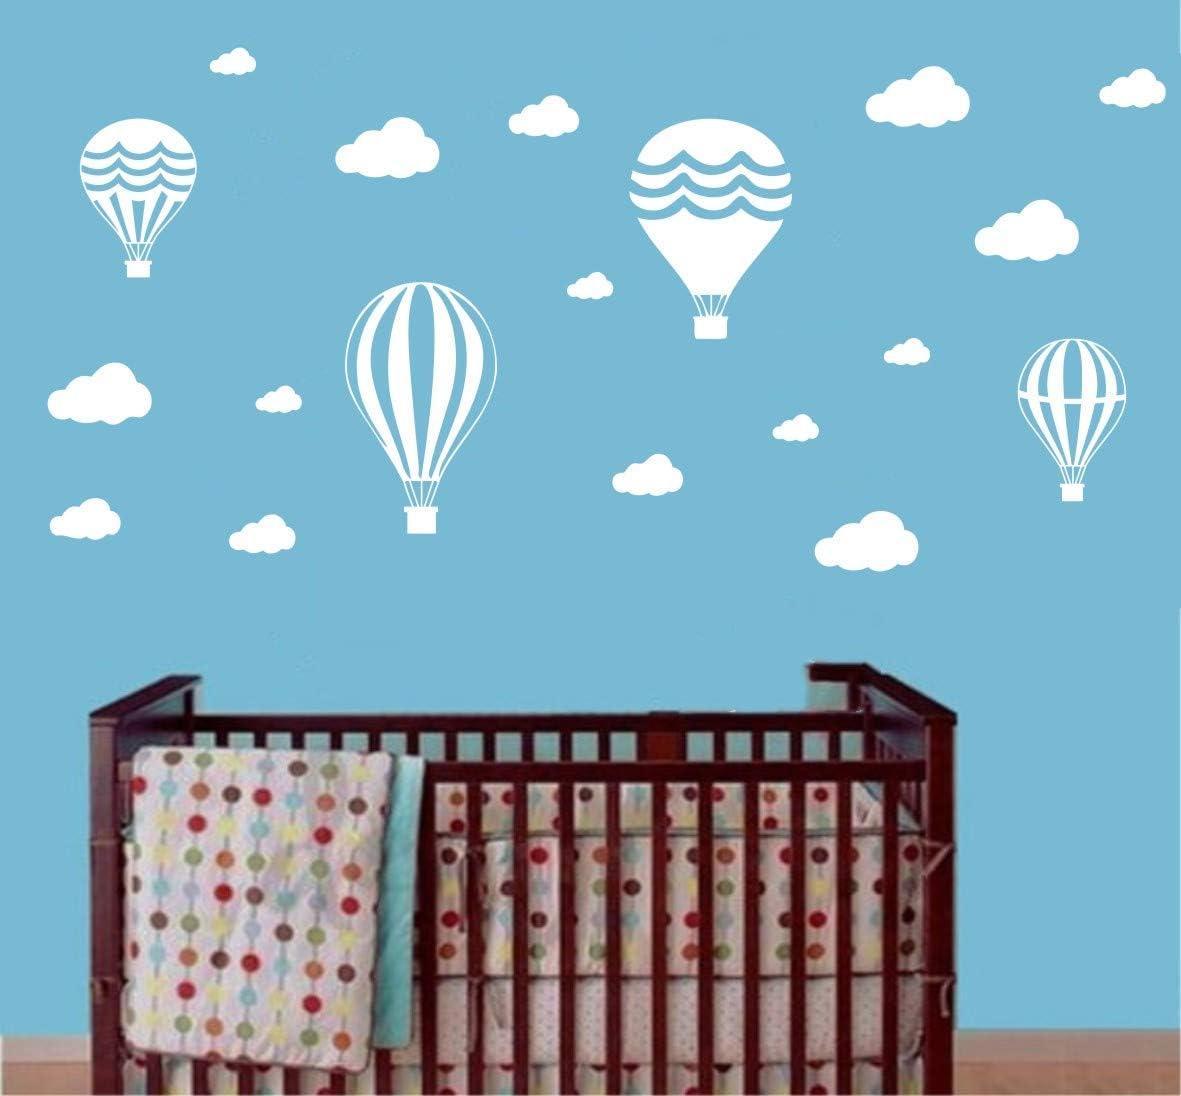 per cameretta dei Bambini YOYOYU ART HOME DECOR Adesivo da Parete per cameretta con Nuvole e Palloncino dAria Decorazione murale con Nuvole Bianche Bianco